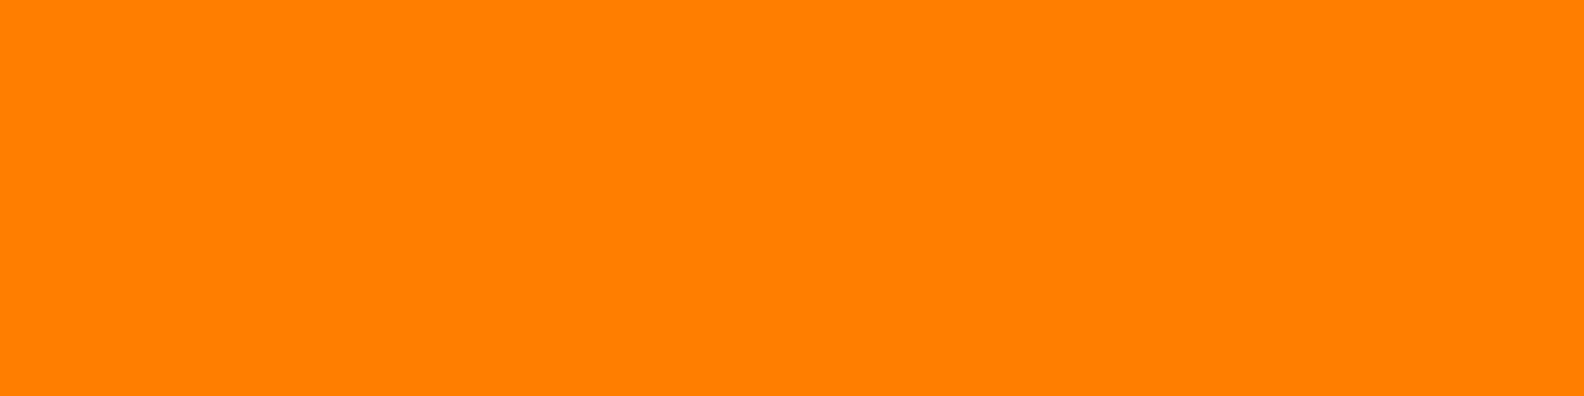 1584x396 Amber Orange Solid Color Background